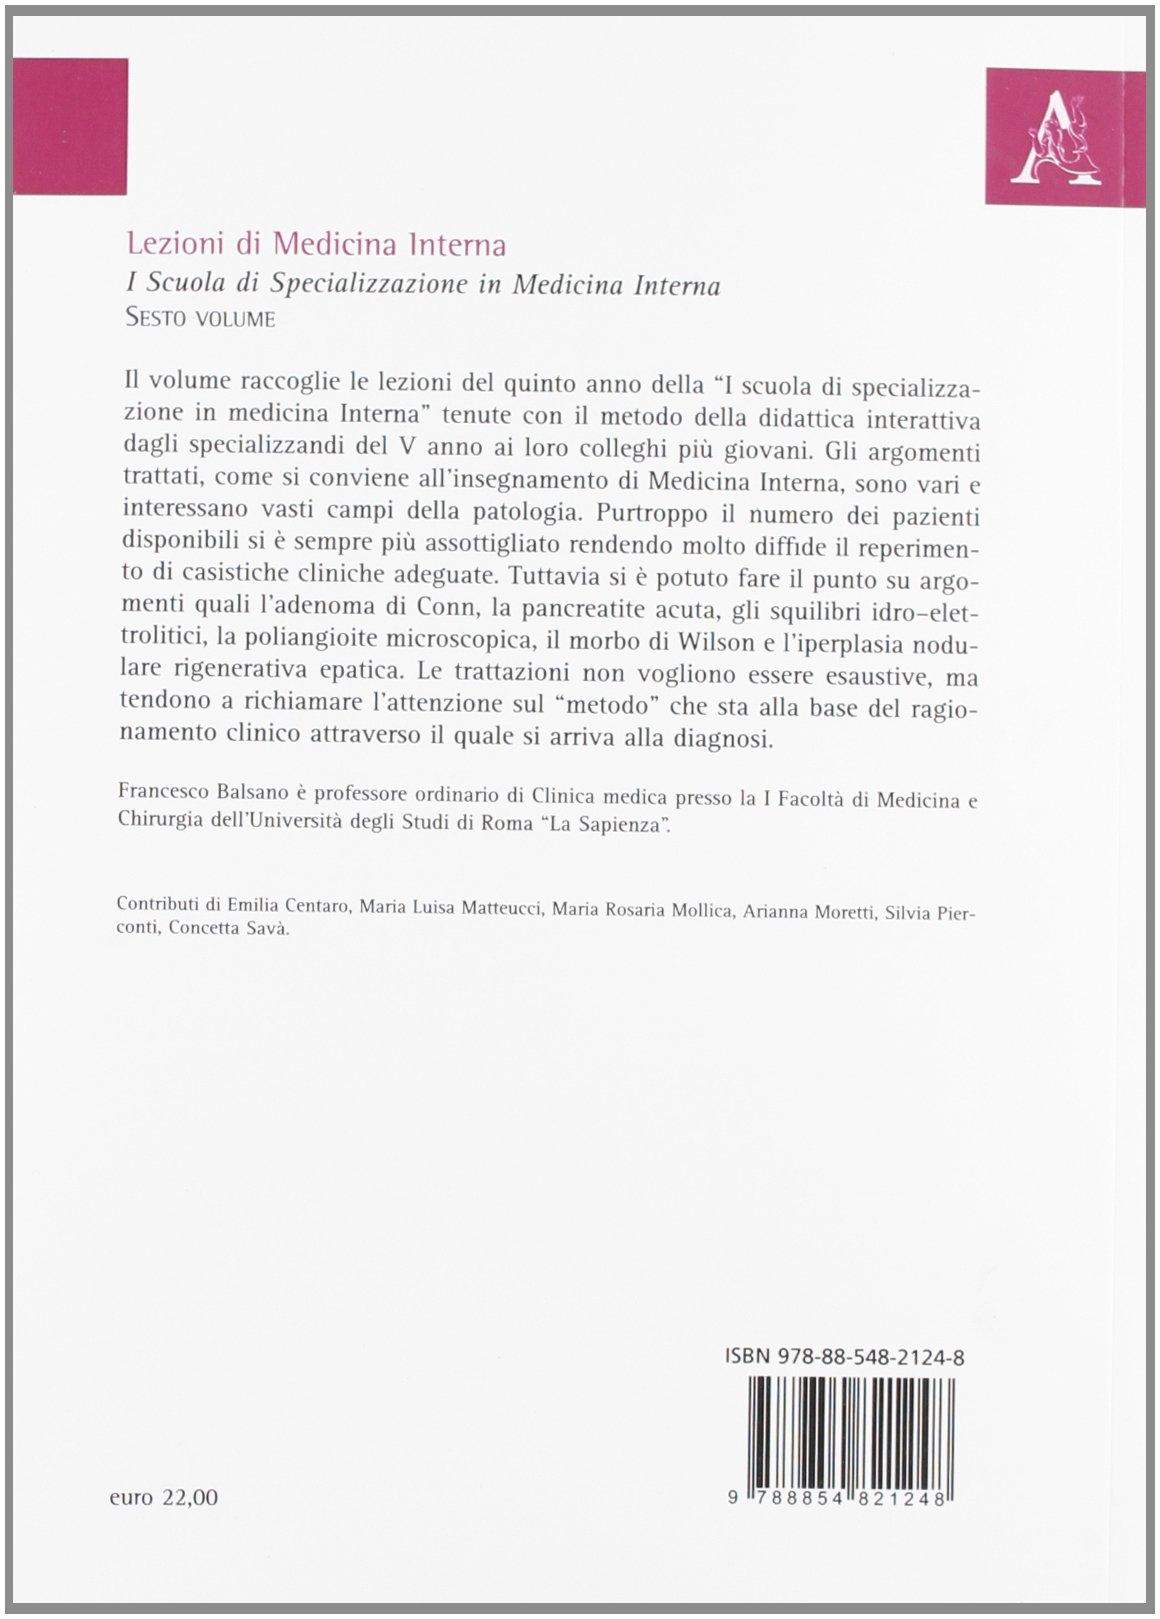 Lezioni di medicina interna. I Scuola di specializzazione in medicina interna. Vol. 6